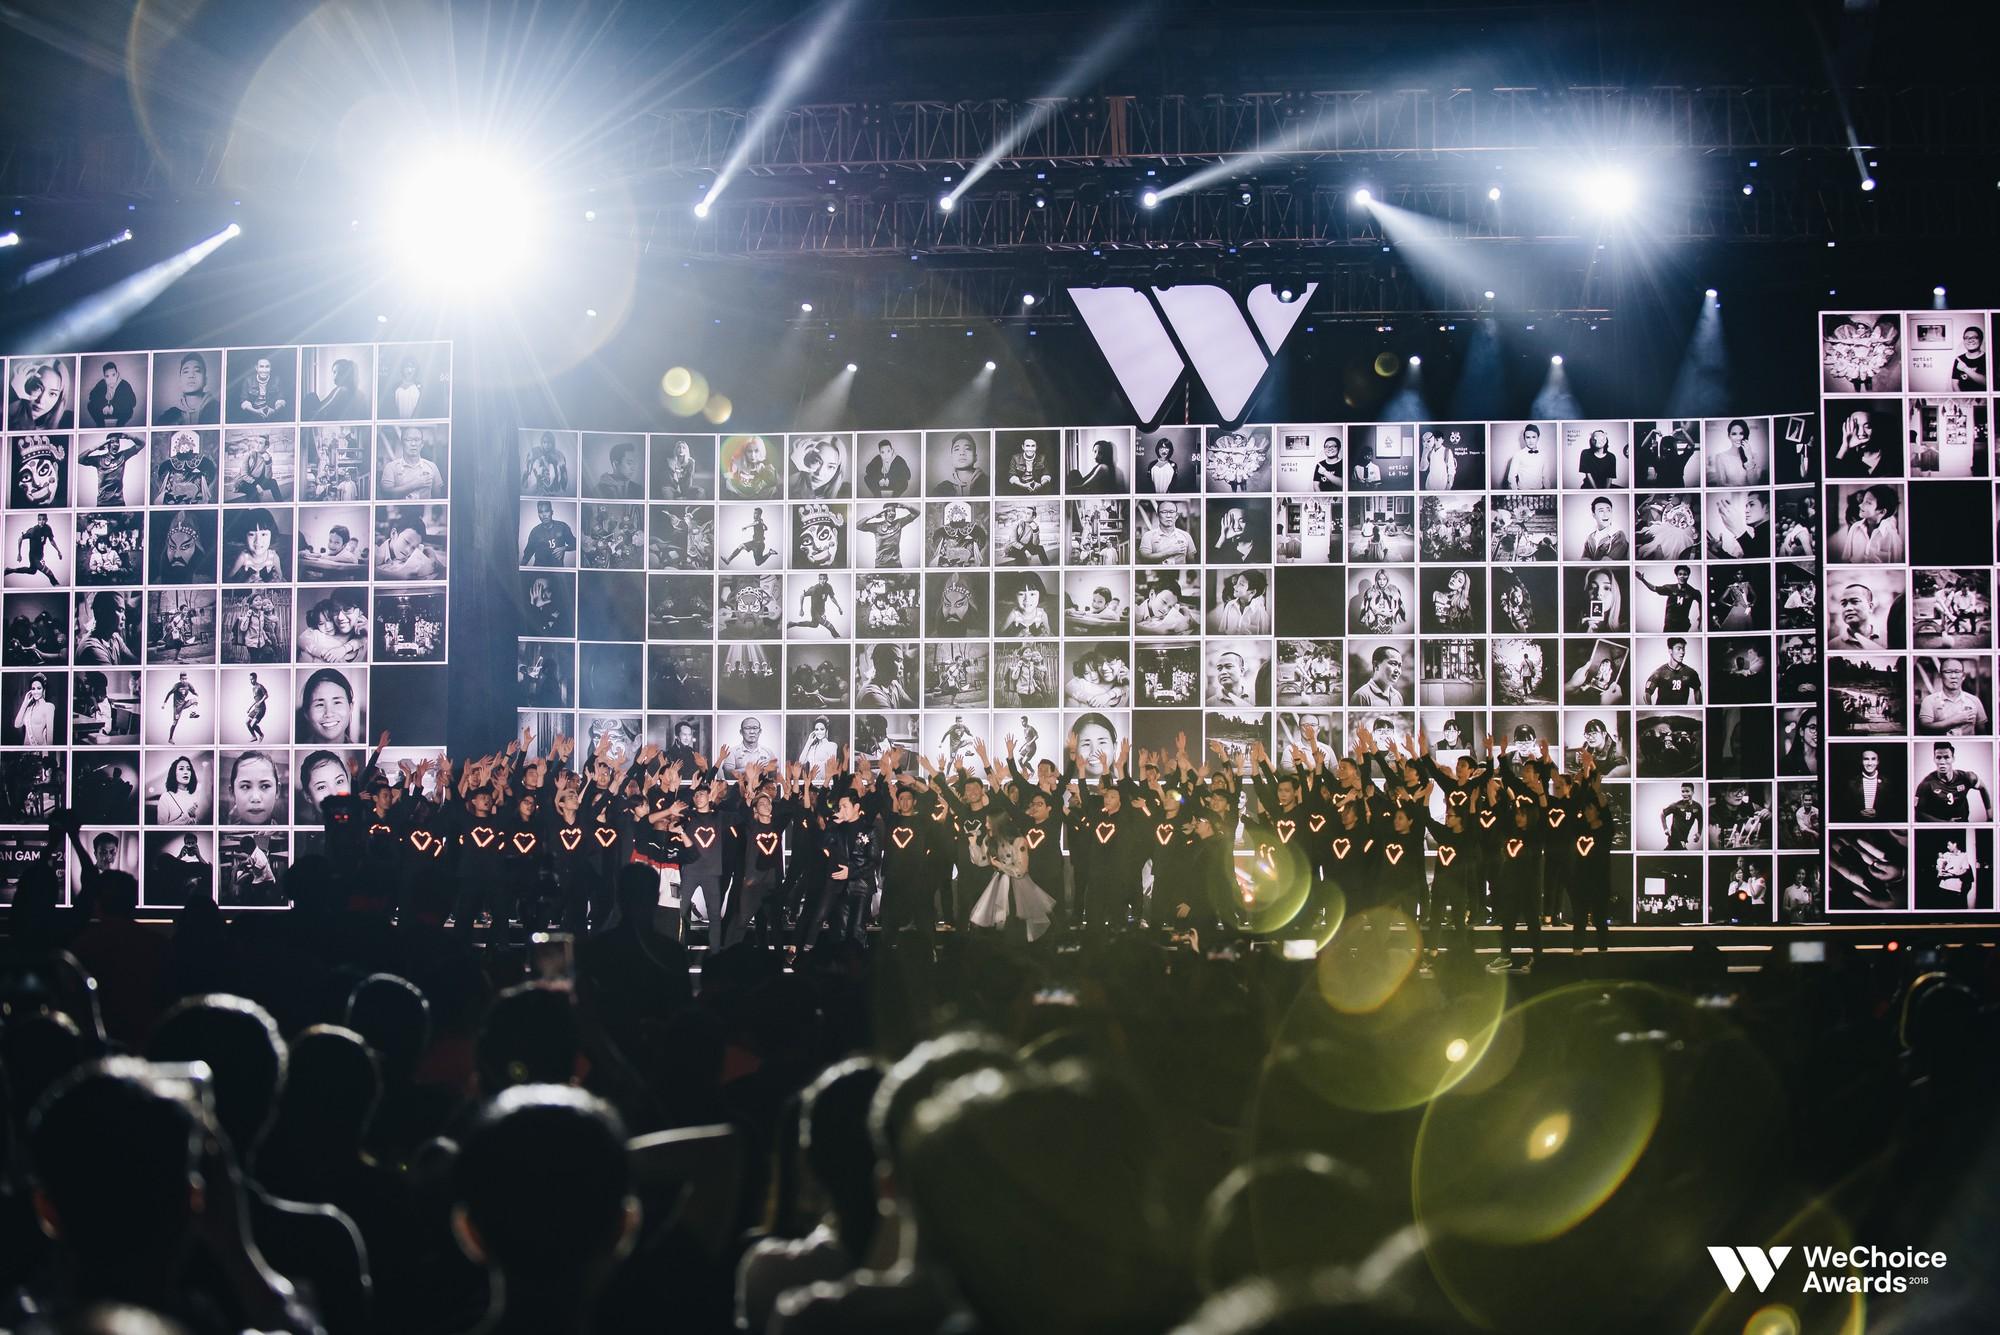 Gala WeChoice Awards 2018: Một đêm văn minh của niềm cảm hứng đẹp đẽ và những khán giả dõi theo đến tận phút cuối cùng - Ảnh 1.